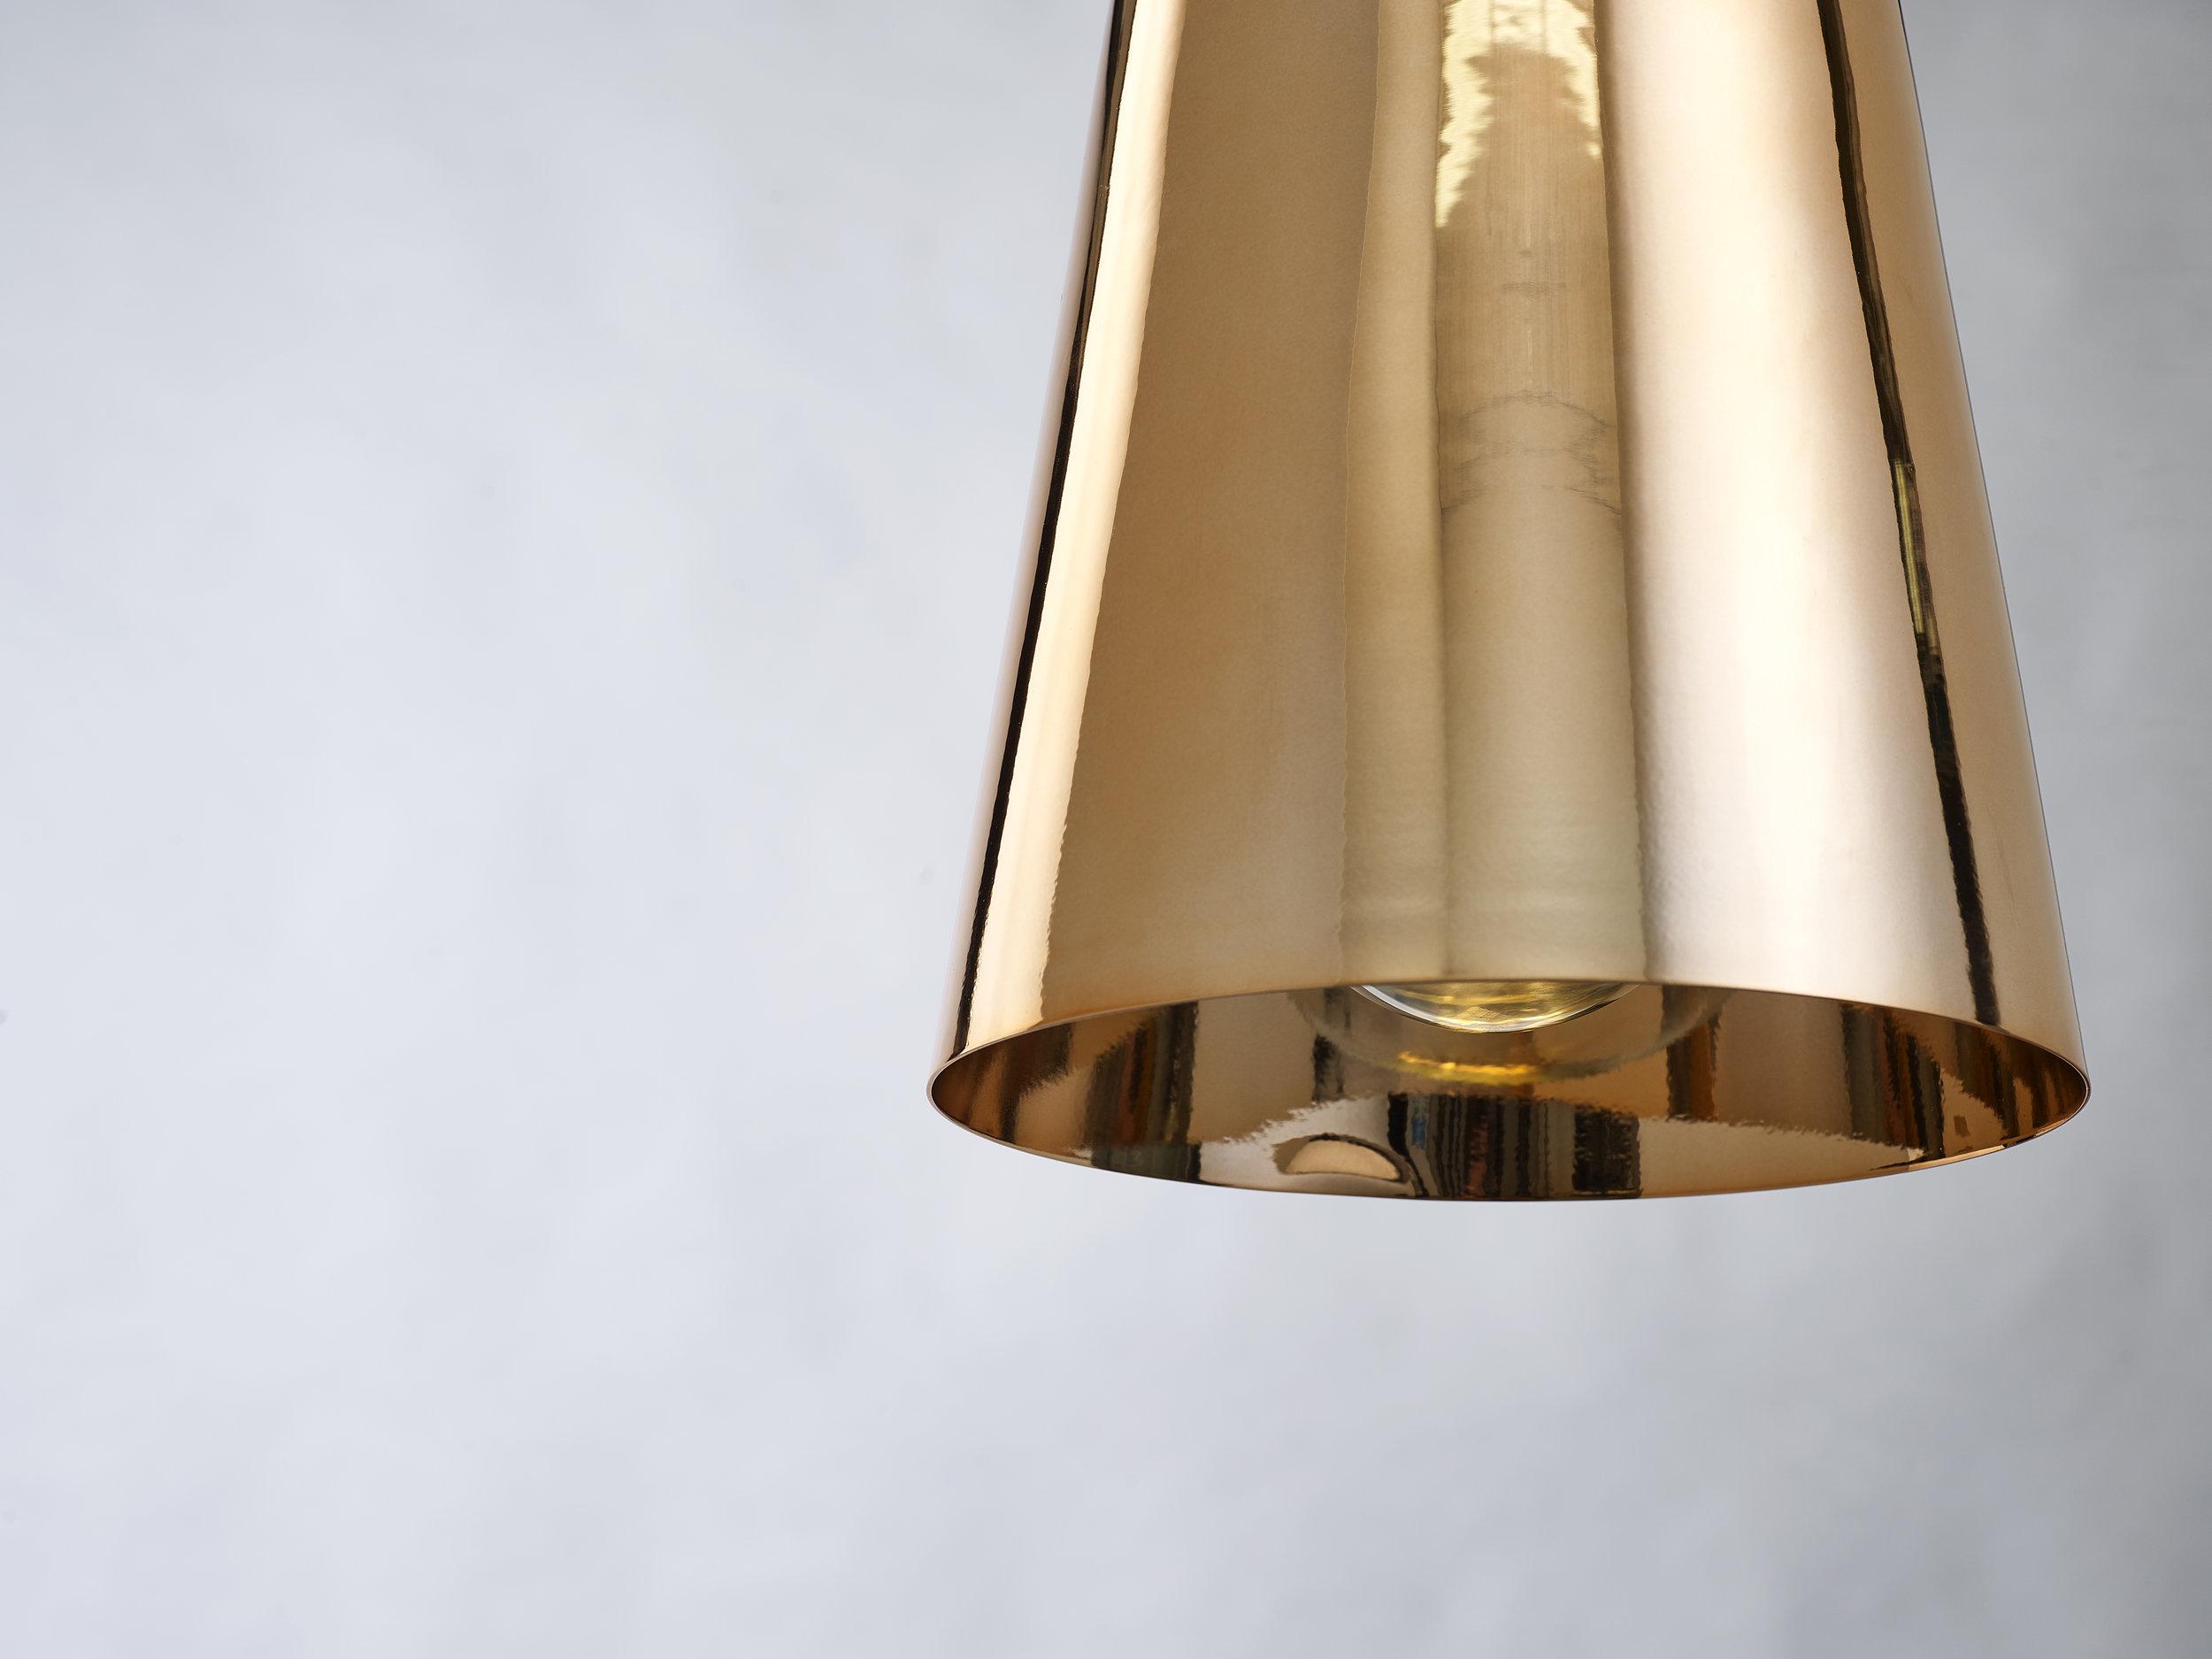 VETICA LAMPEN-KUPFER 2.jpg